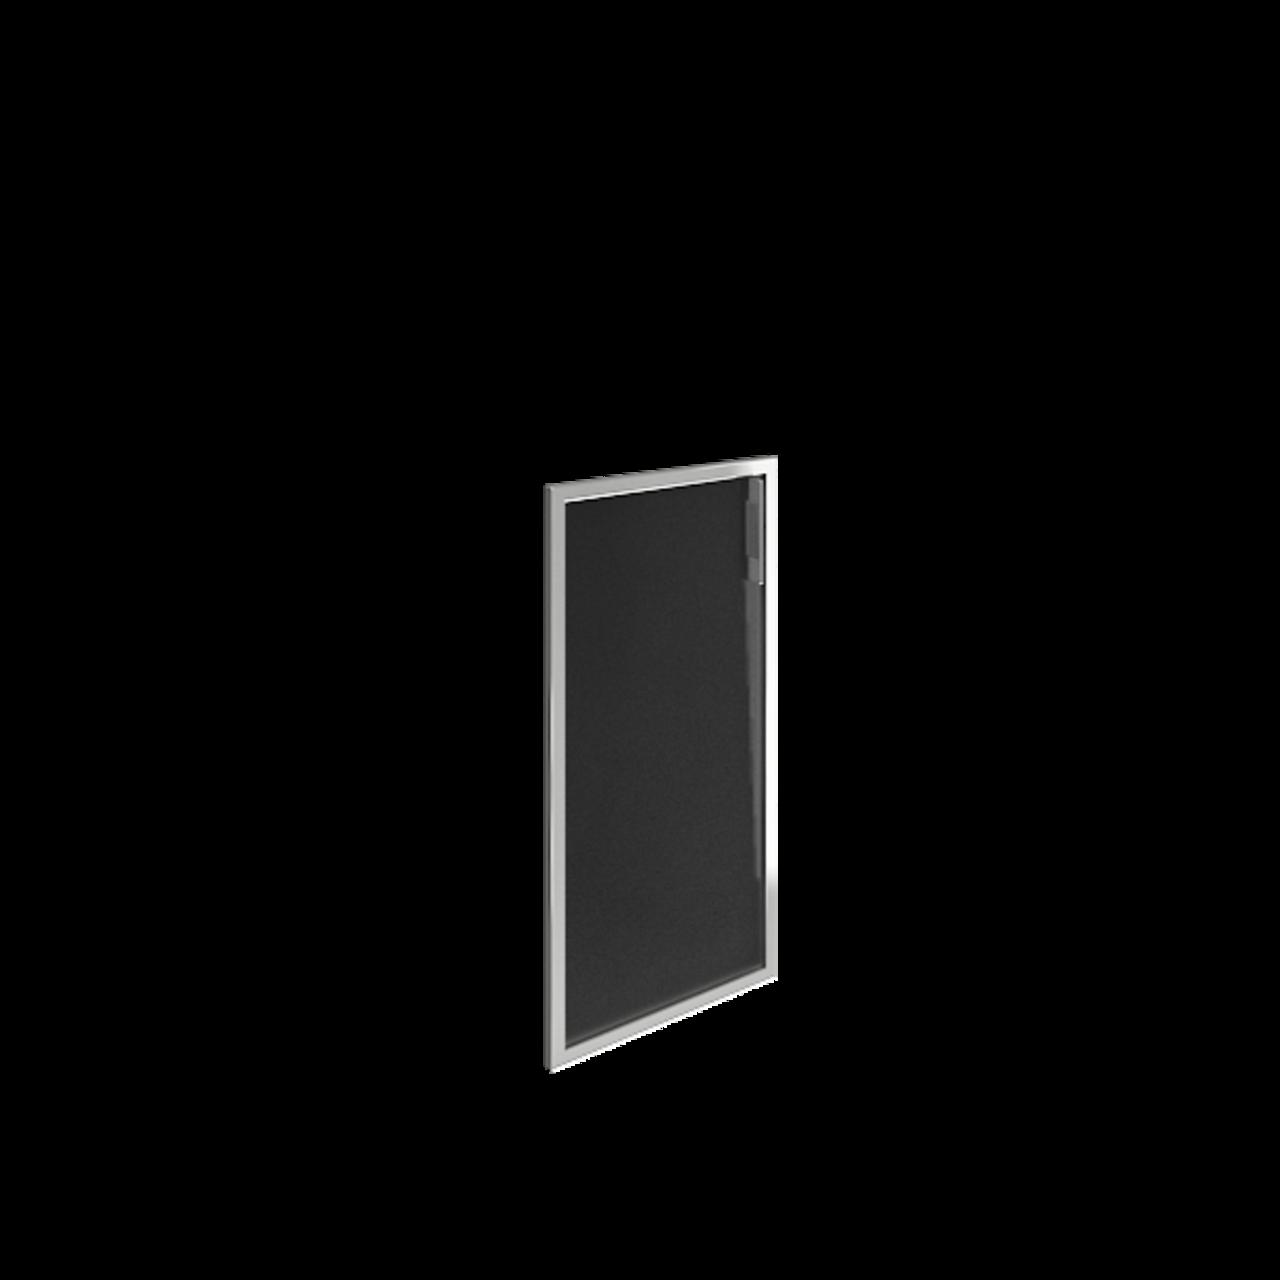 Дверь стекло в раме низкое Lacobel black левая - фото 4